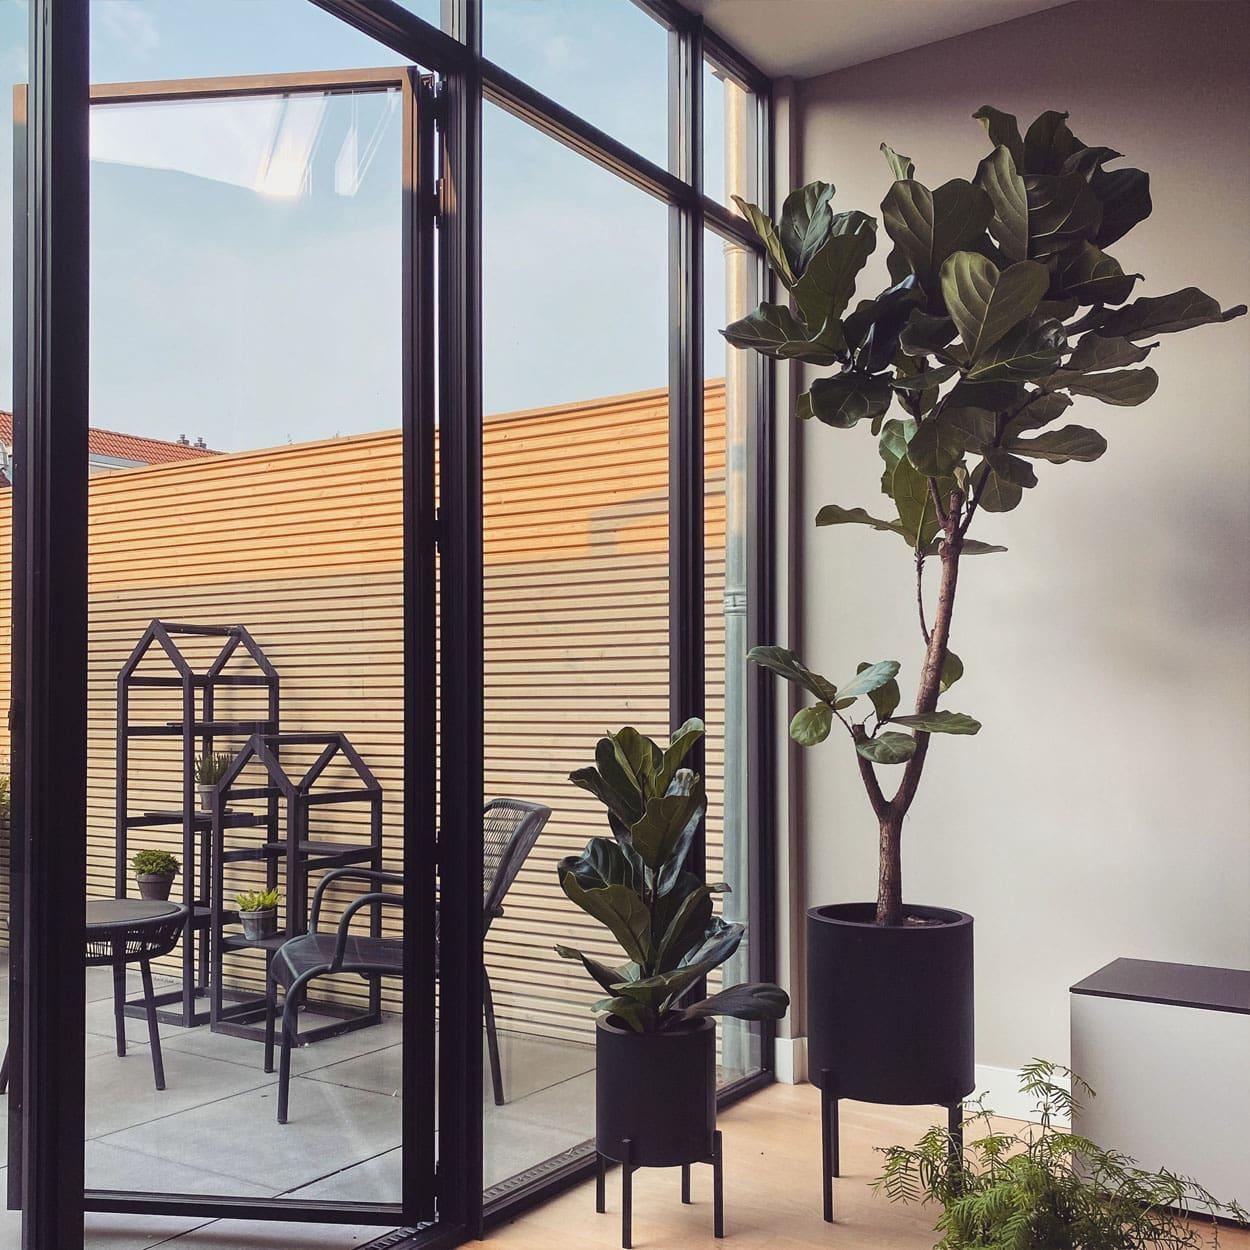 Ficus Lyrata Tabaksplant Vioolplant Makkelijke Kamerplant